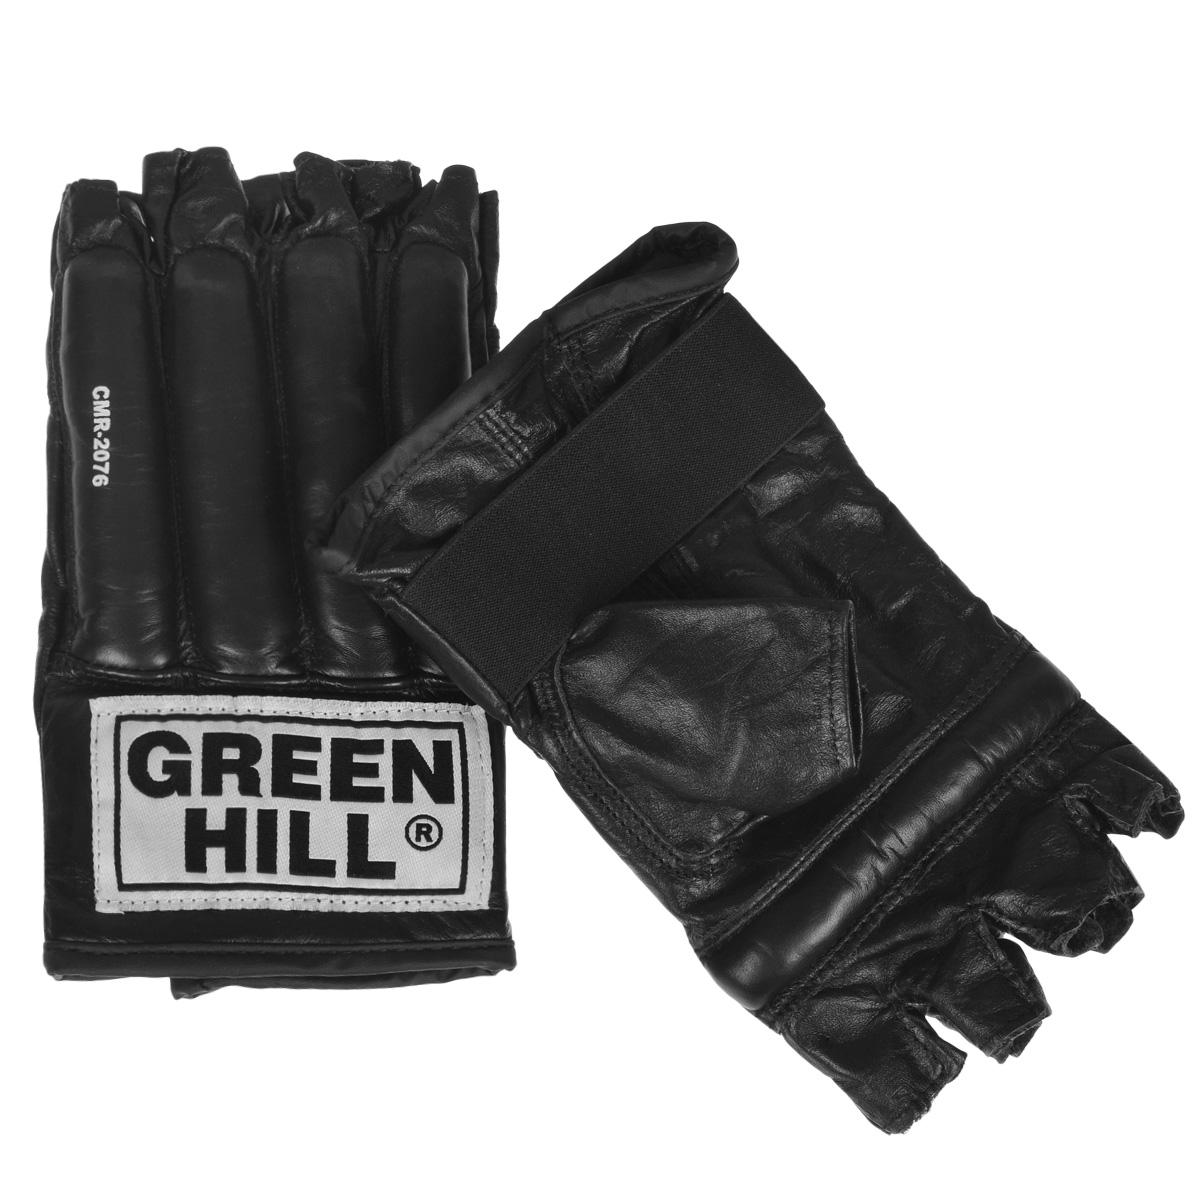 Шингарты для единоборств Green Hill Royal, цвет: черный. Размер XL